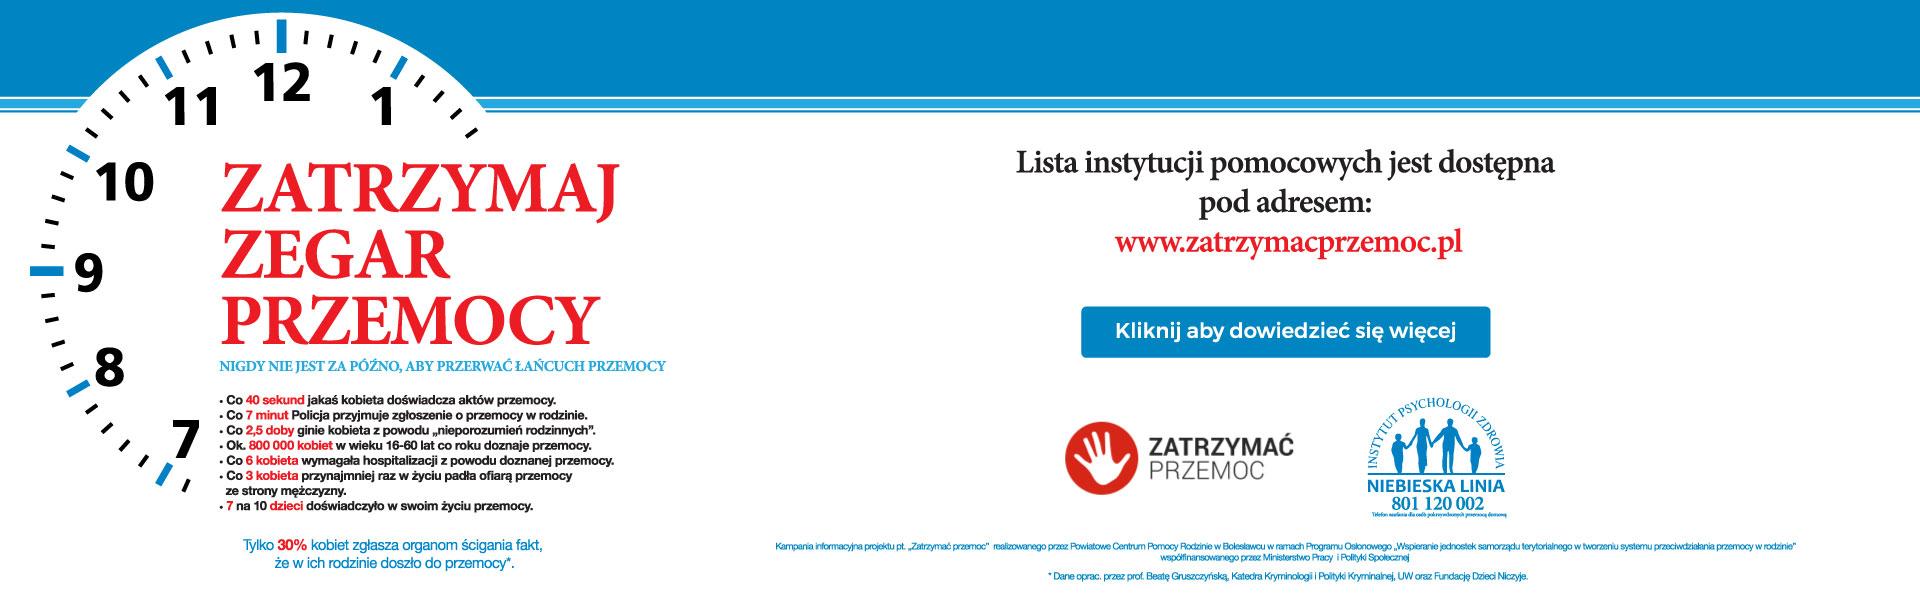 zegar-przemocy-banner